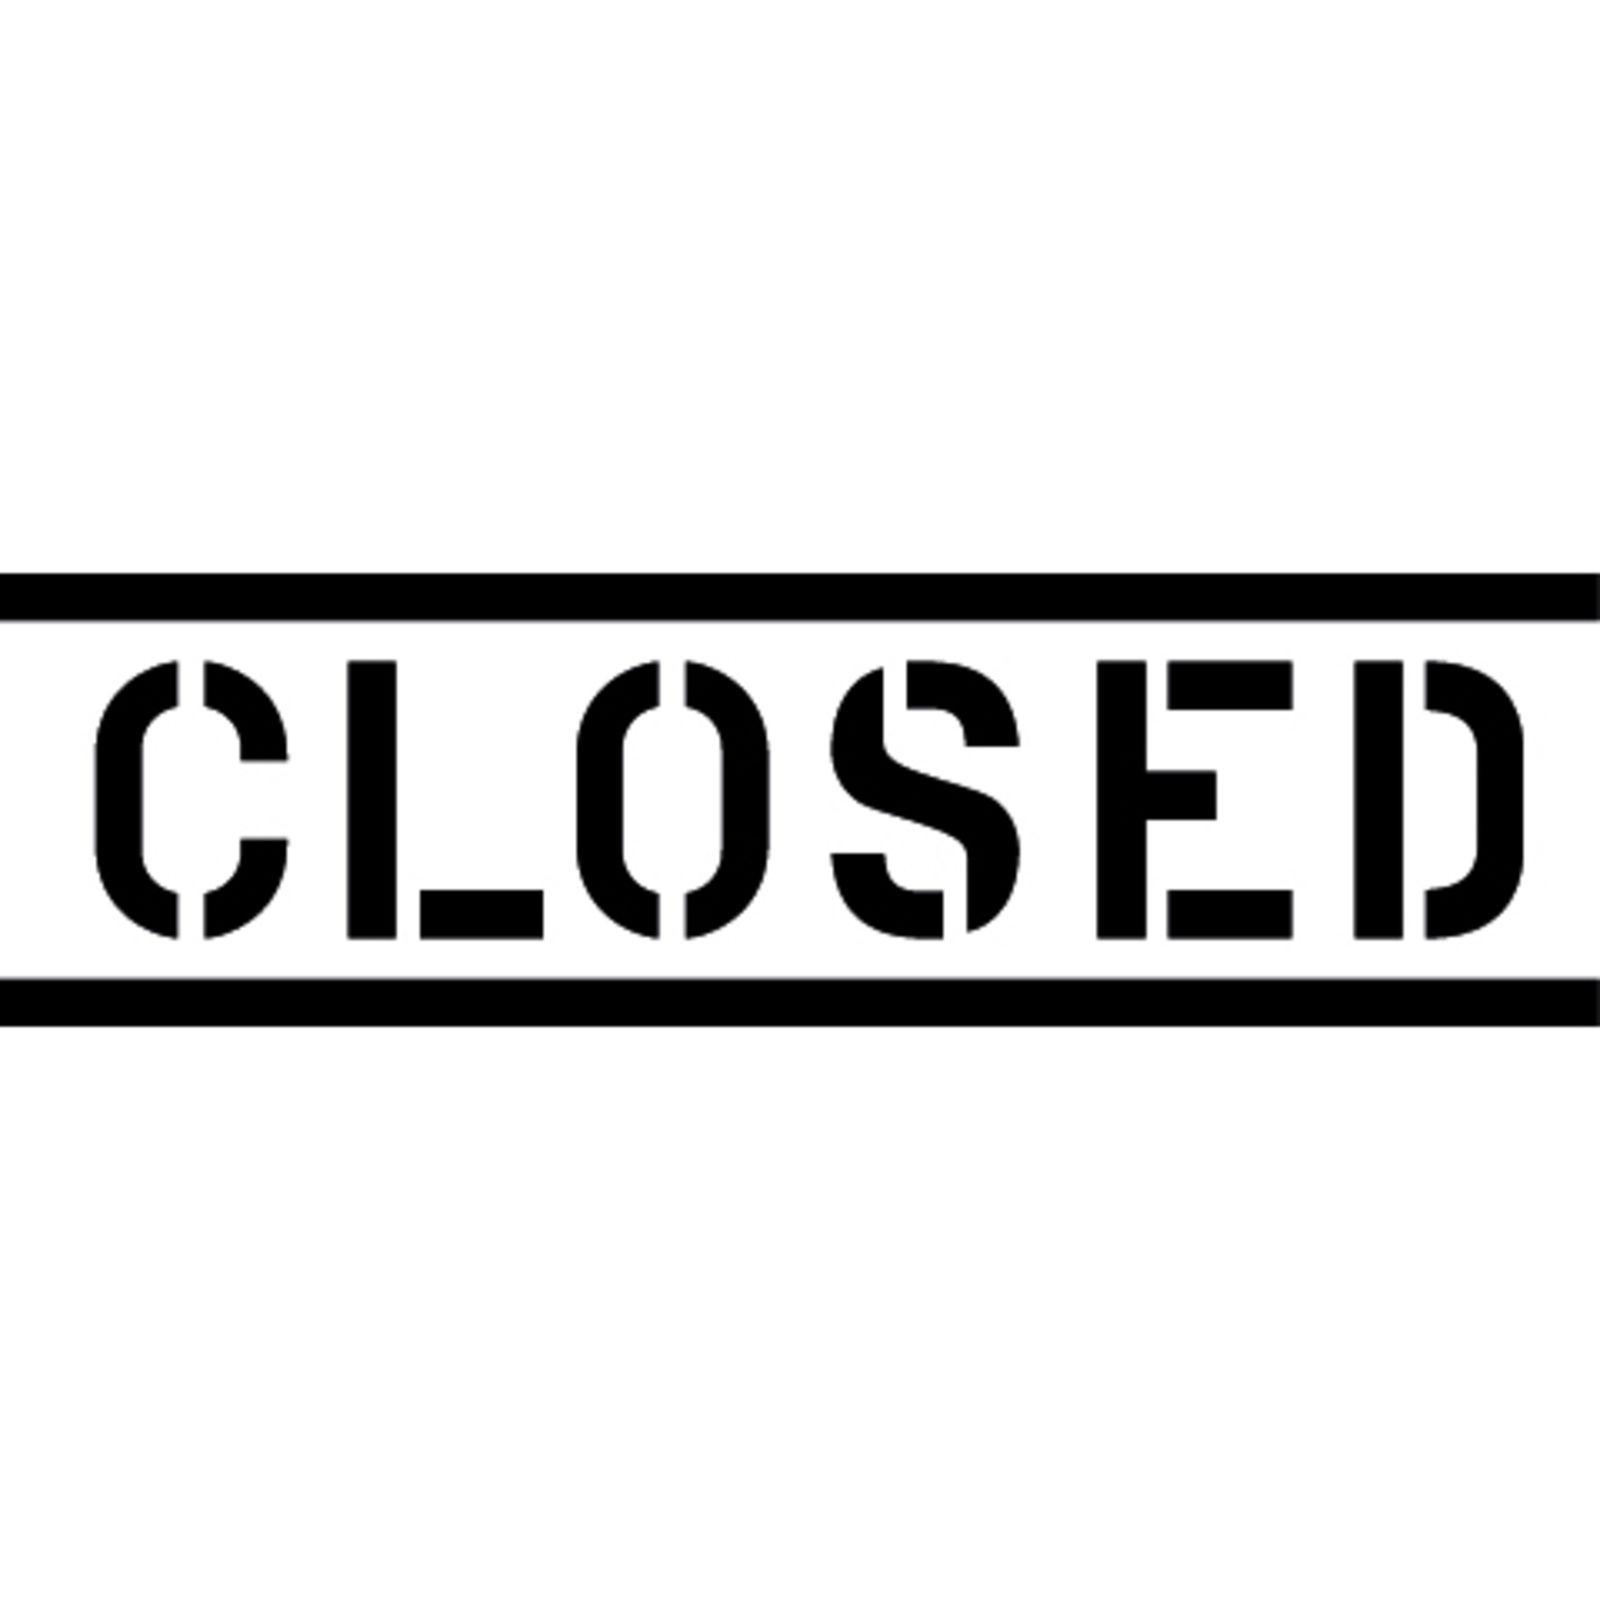 CLOSED (Bild 1)